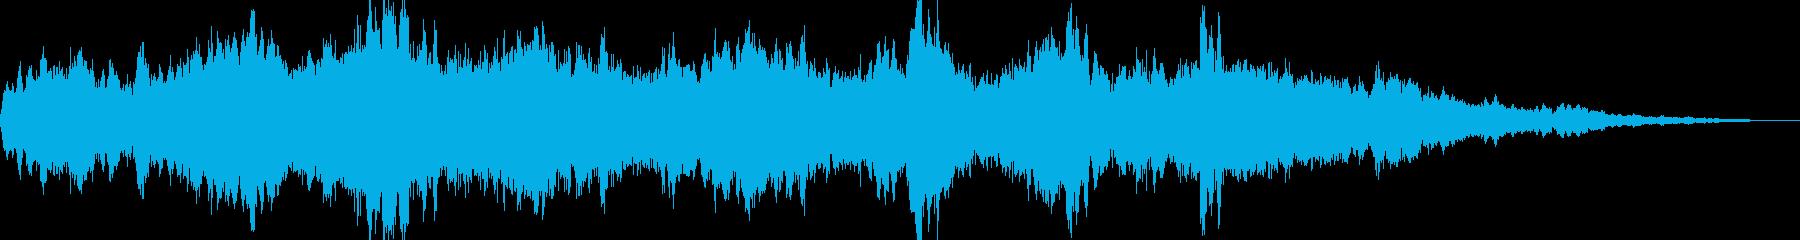 夢の中にいる様なファンタジー空間サウンドの再生済みの波形